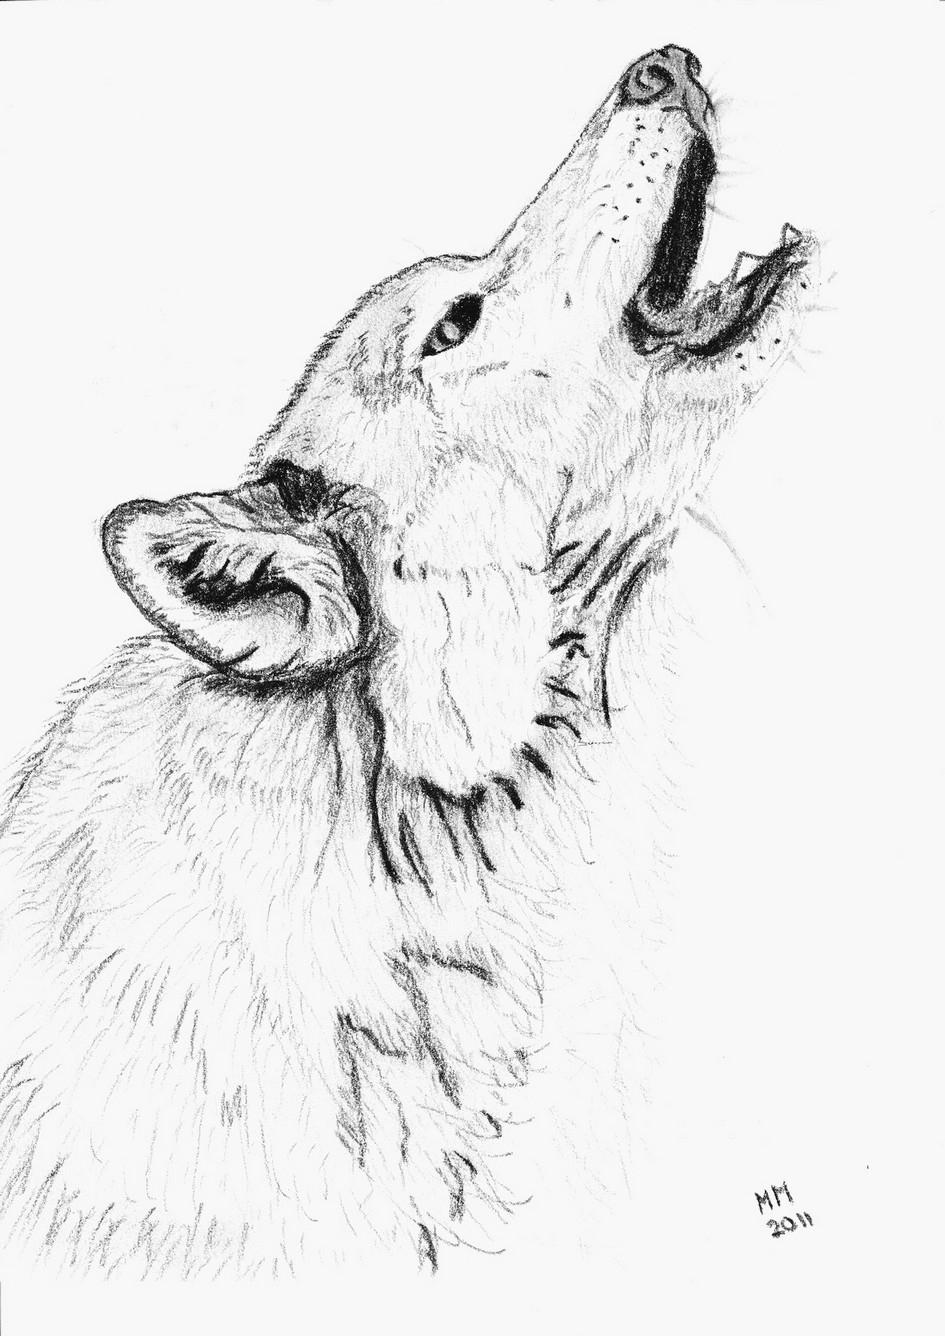 Dessins Gratuits À Colorier - Coloriage Loup À Imprimer intérieur Masque De Loup À Imprimer